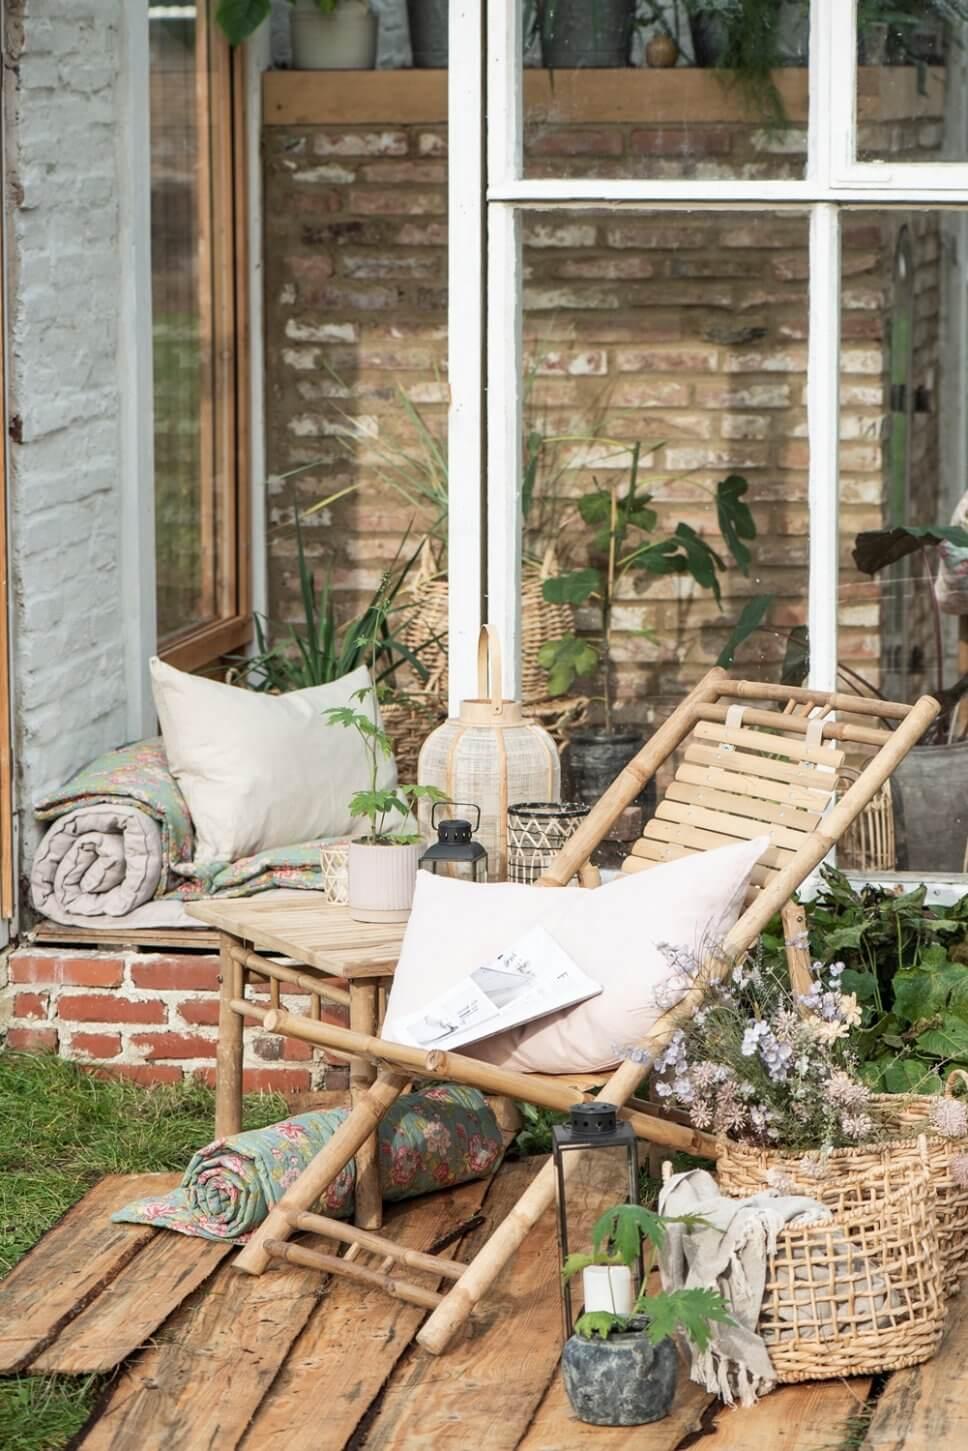 Gemütlich mit Bambusmöbeln und vielen Kübelpflanzen eingerichtete Terrasse in Skandinavien